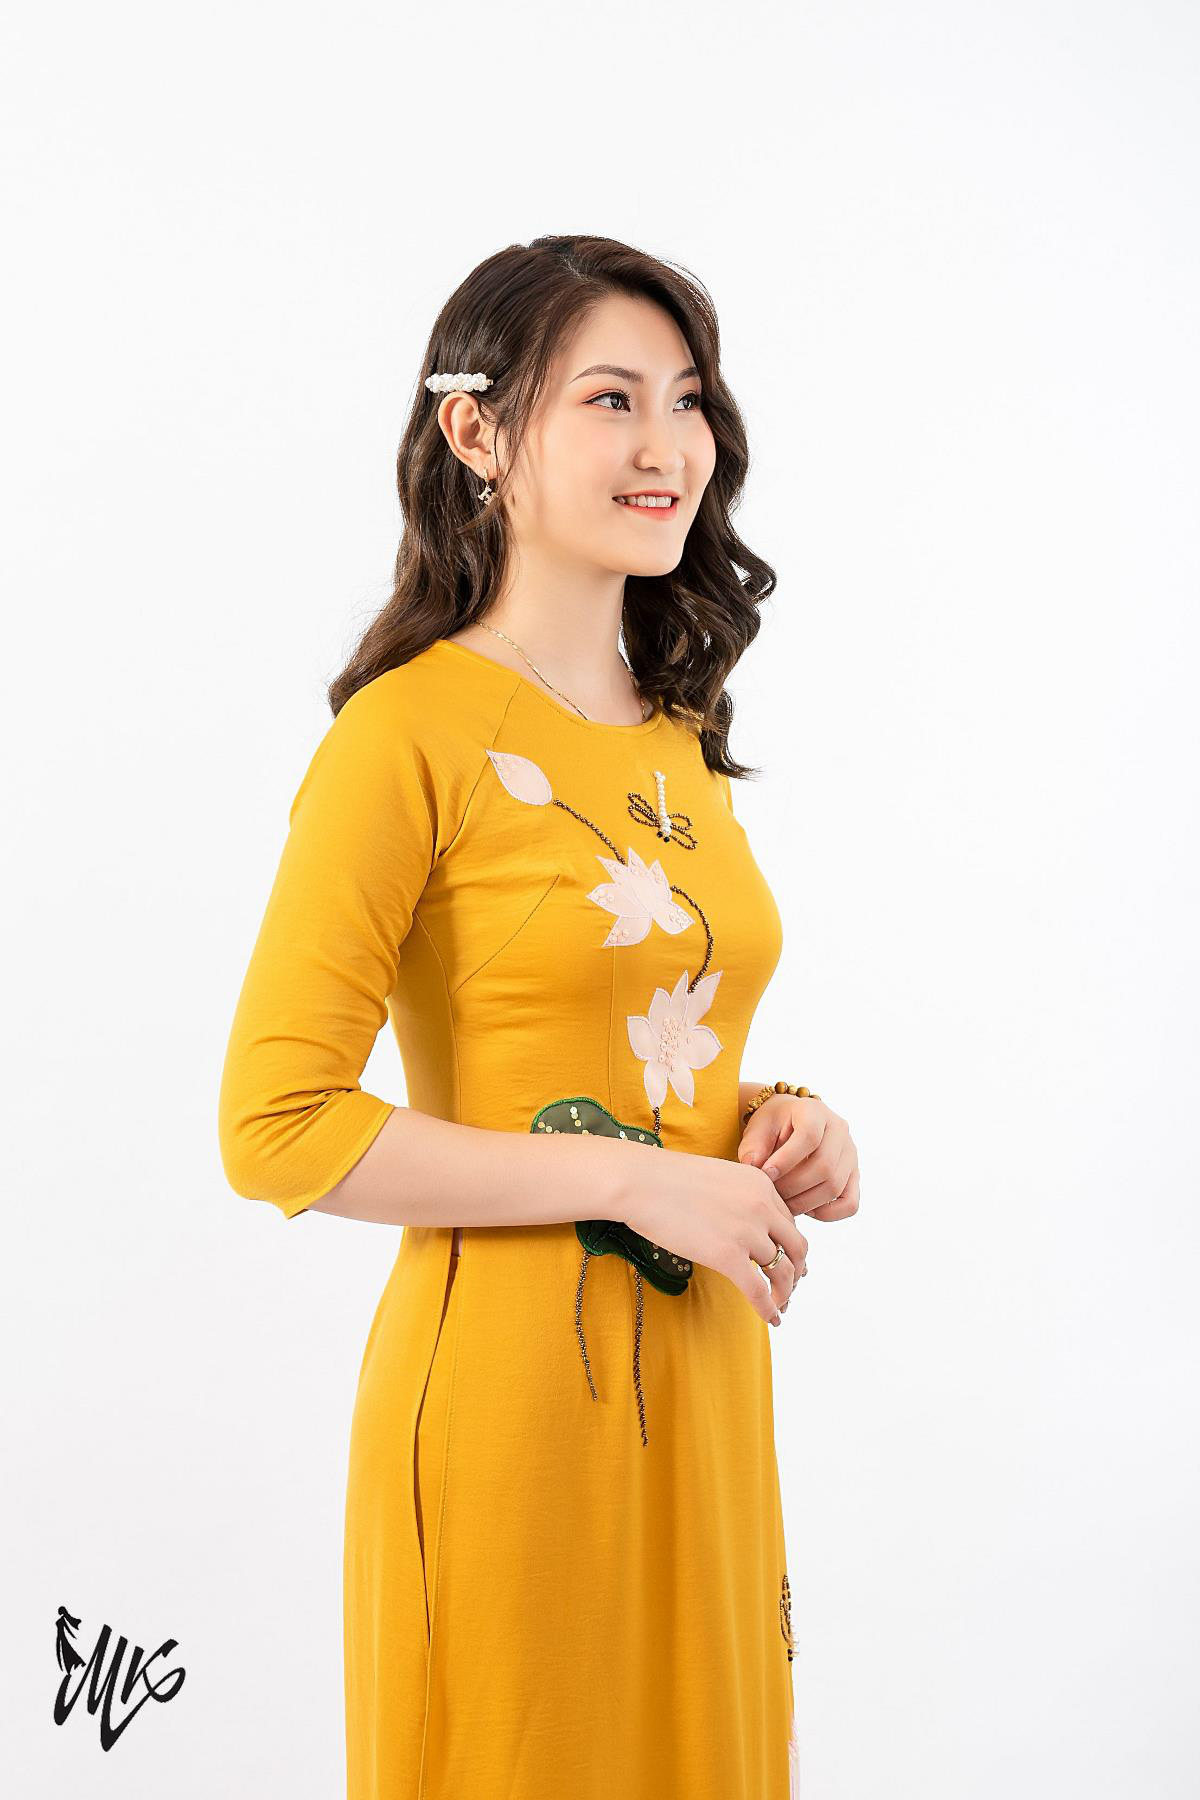 Thương hiệu thời trang áo dài Minh Khang niềm tự hào của phái đẹp Việt - Ảnh 8.